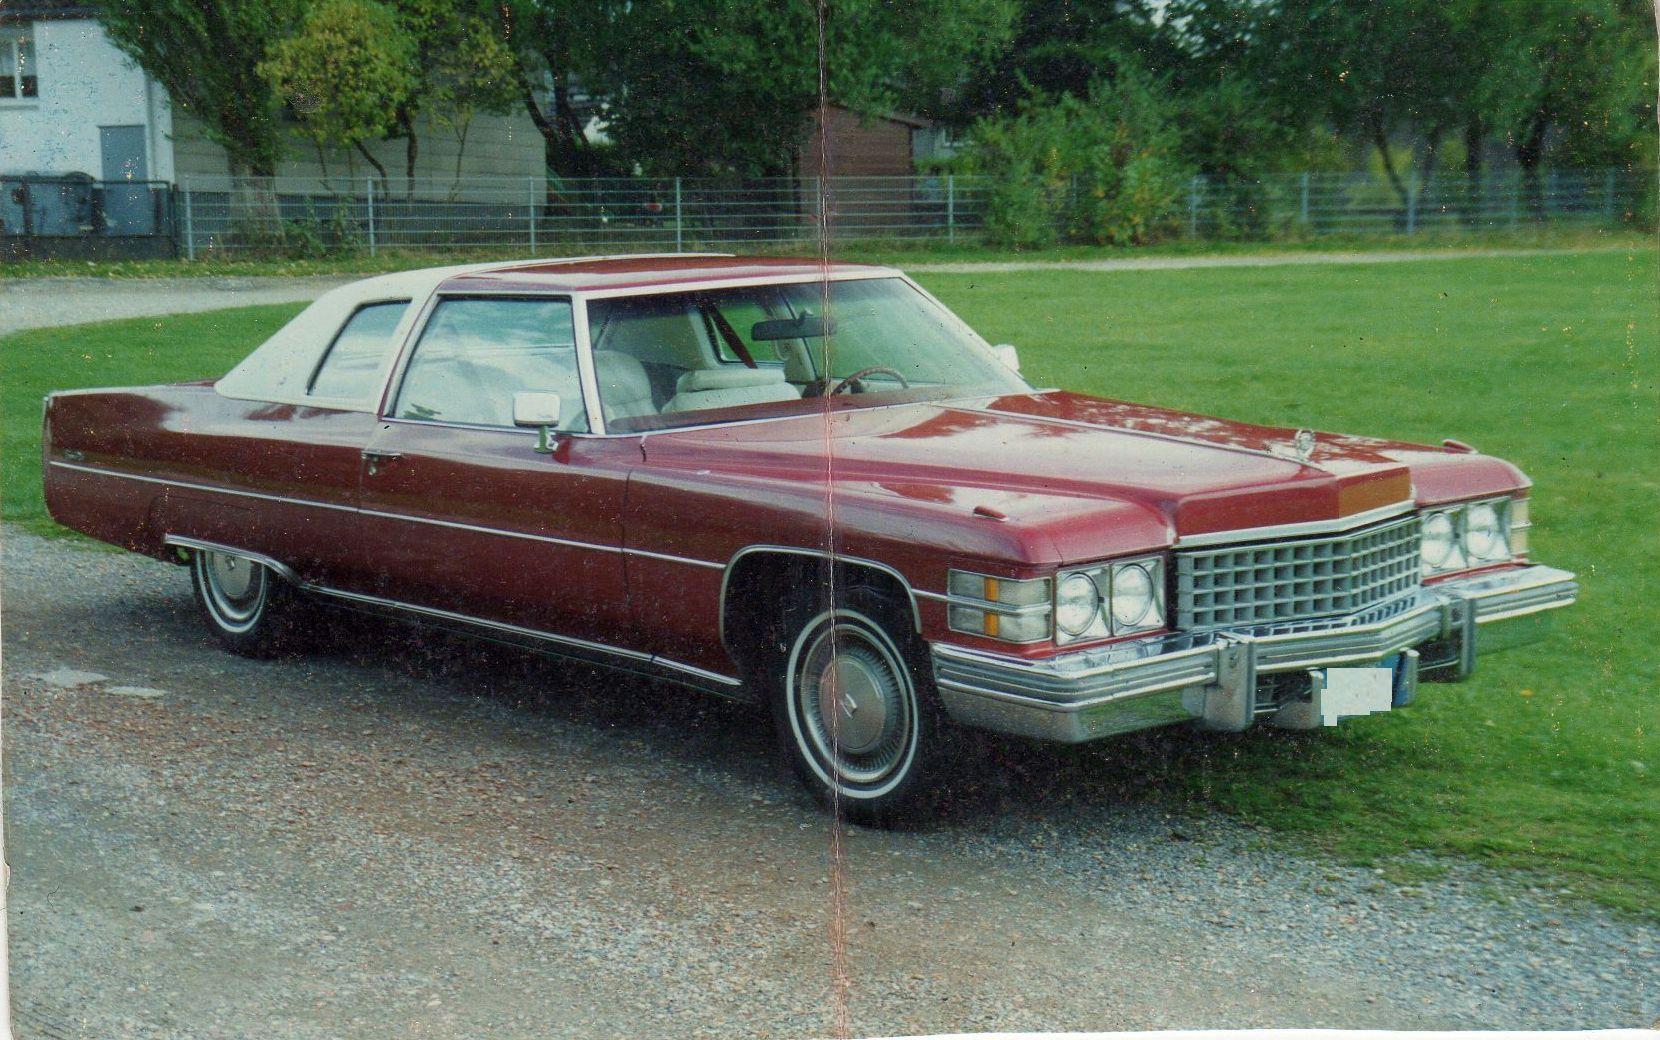 1972 Cadillac Eldorado Engine Firing Order File1962 Wiring Diagram For Kids